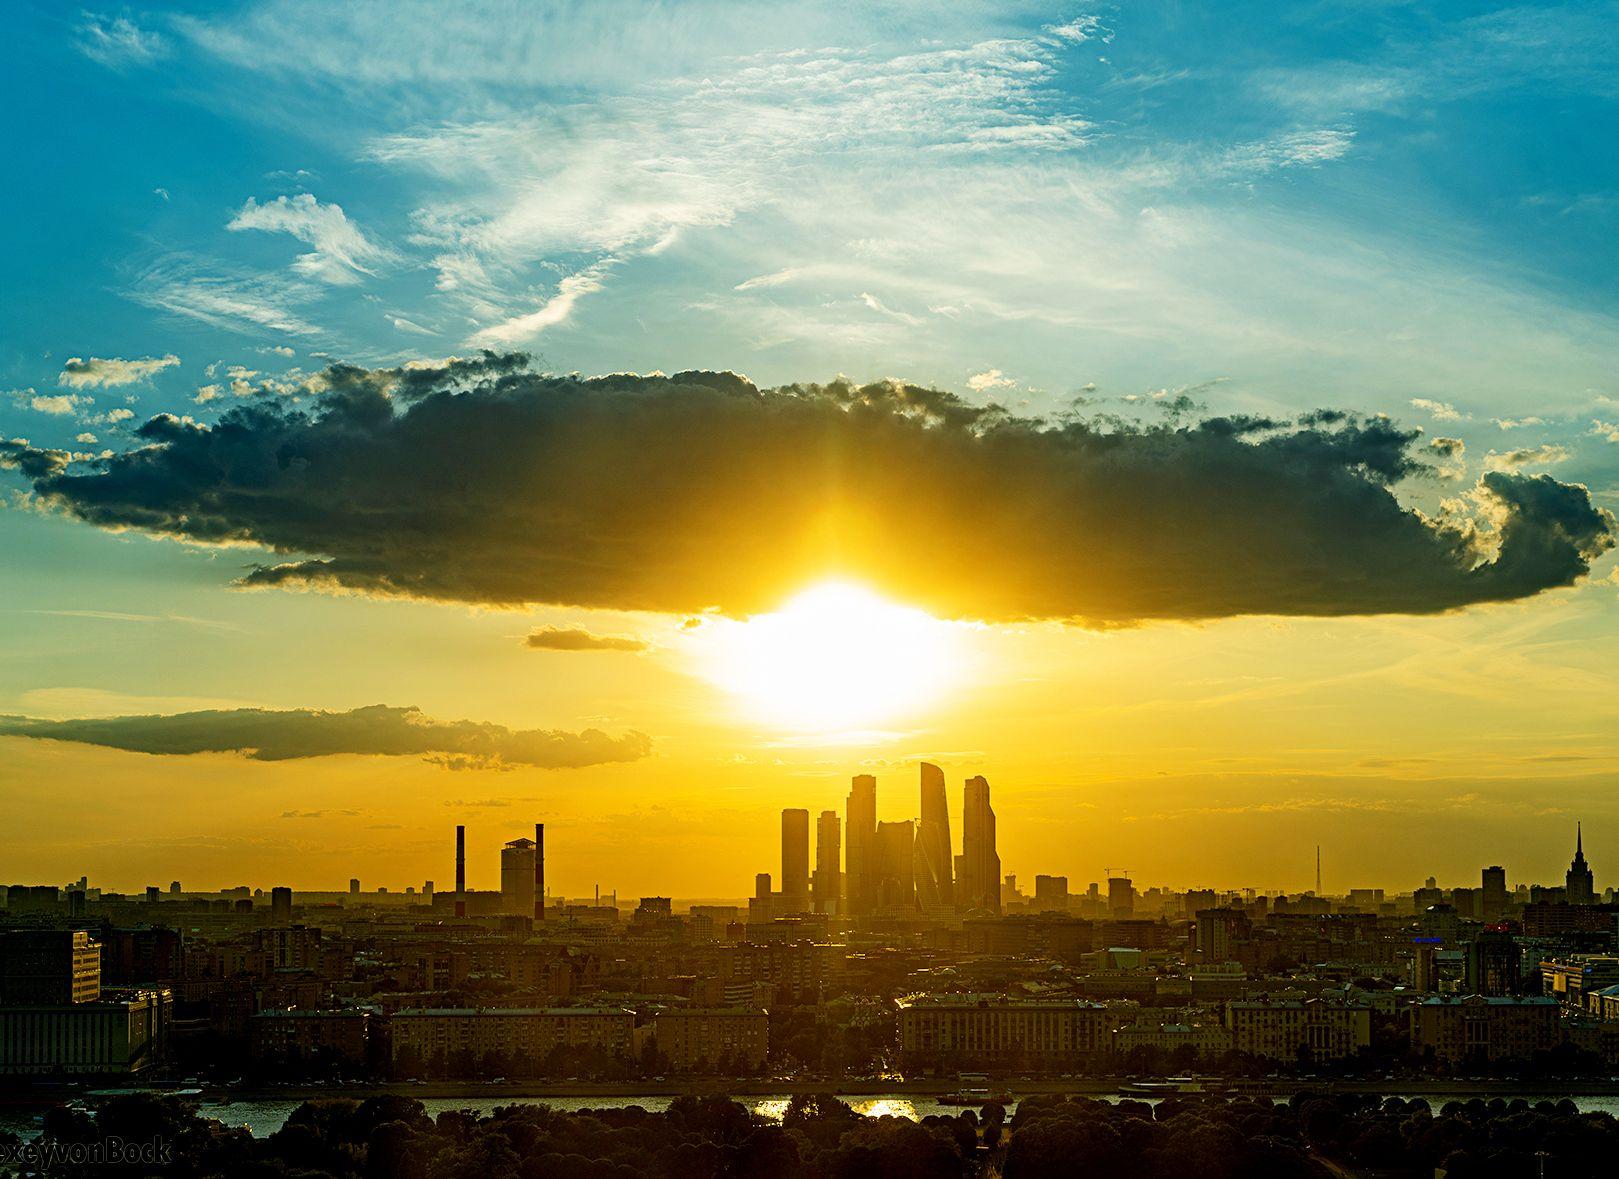 Москва стала первым мегаполисом Земли по площади парков на душу населения